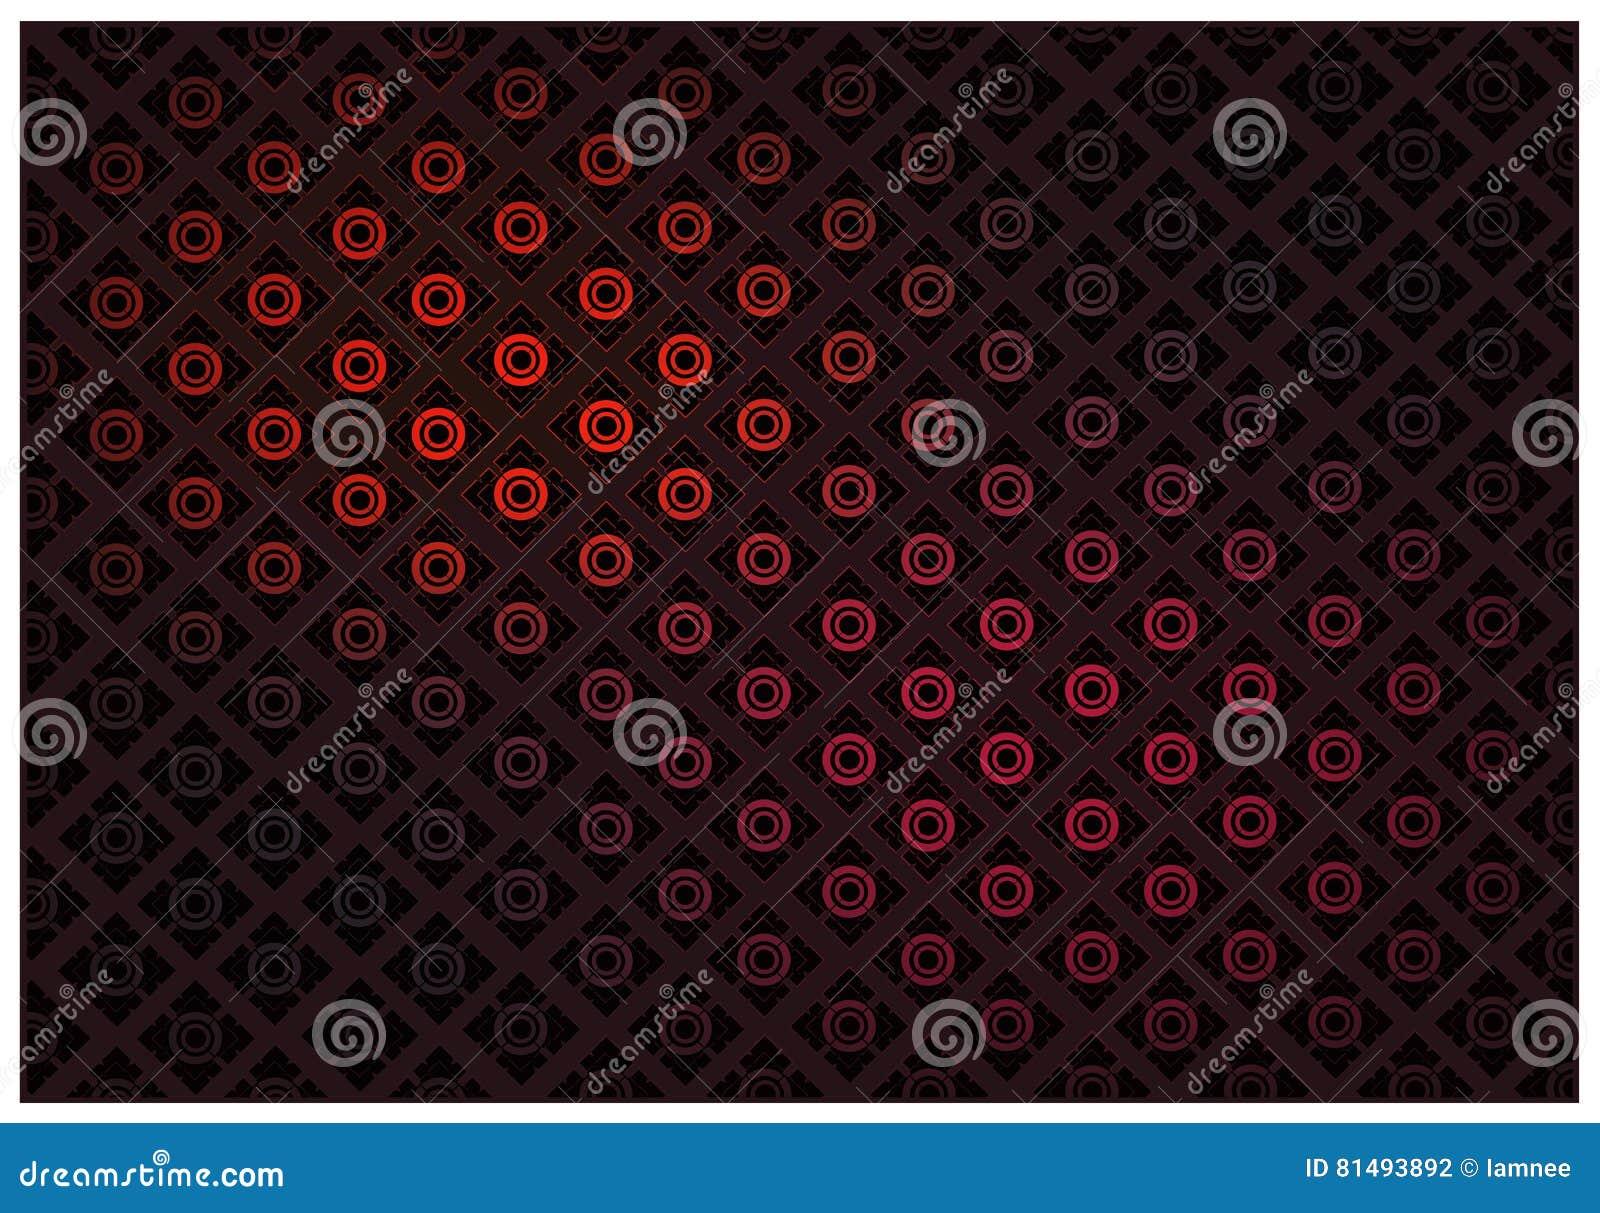 Download Rote Farbe Des Thailändischen Weinlese Tapeten Muster Hintergrundes  Vektor Abbildung   Illustration